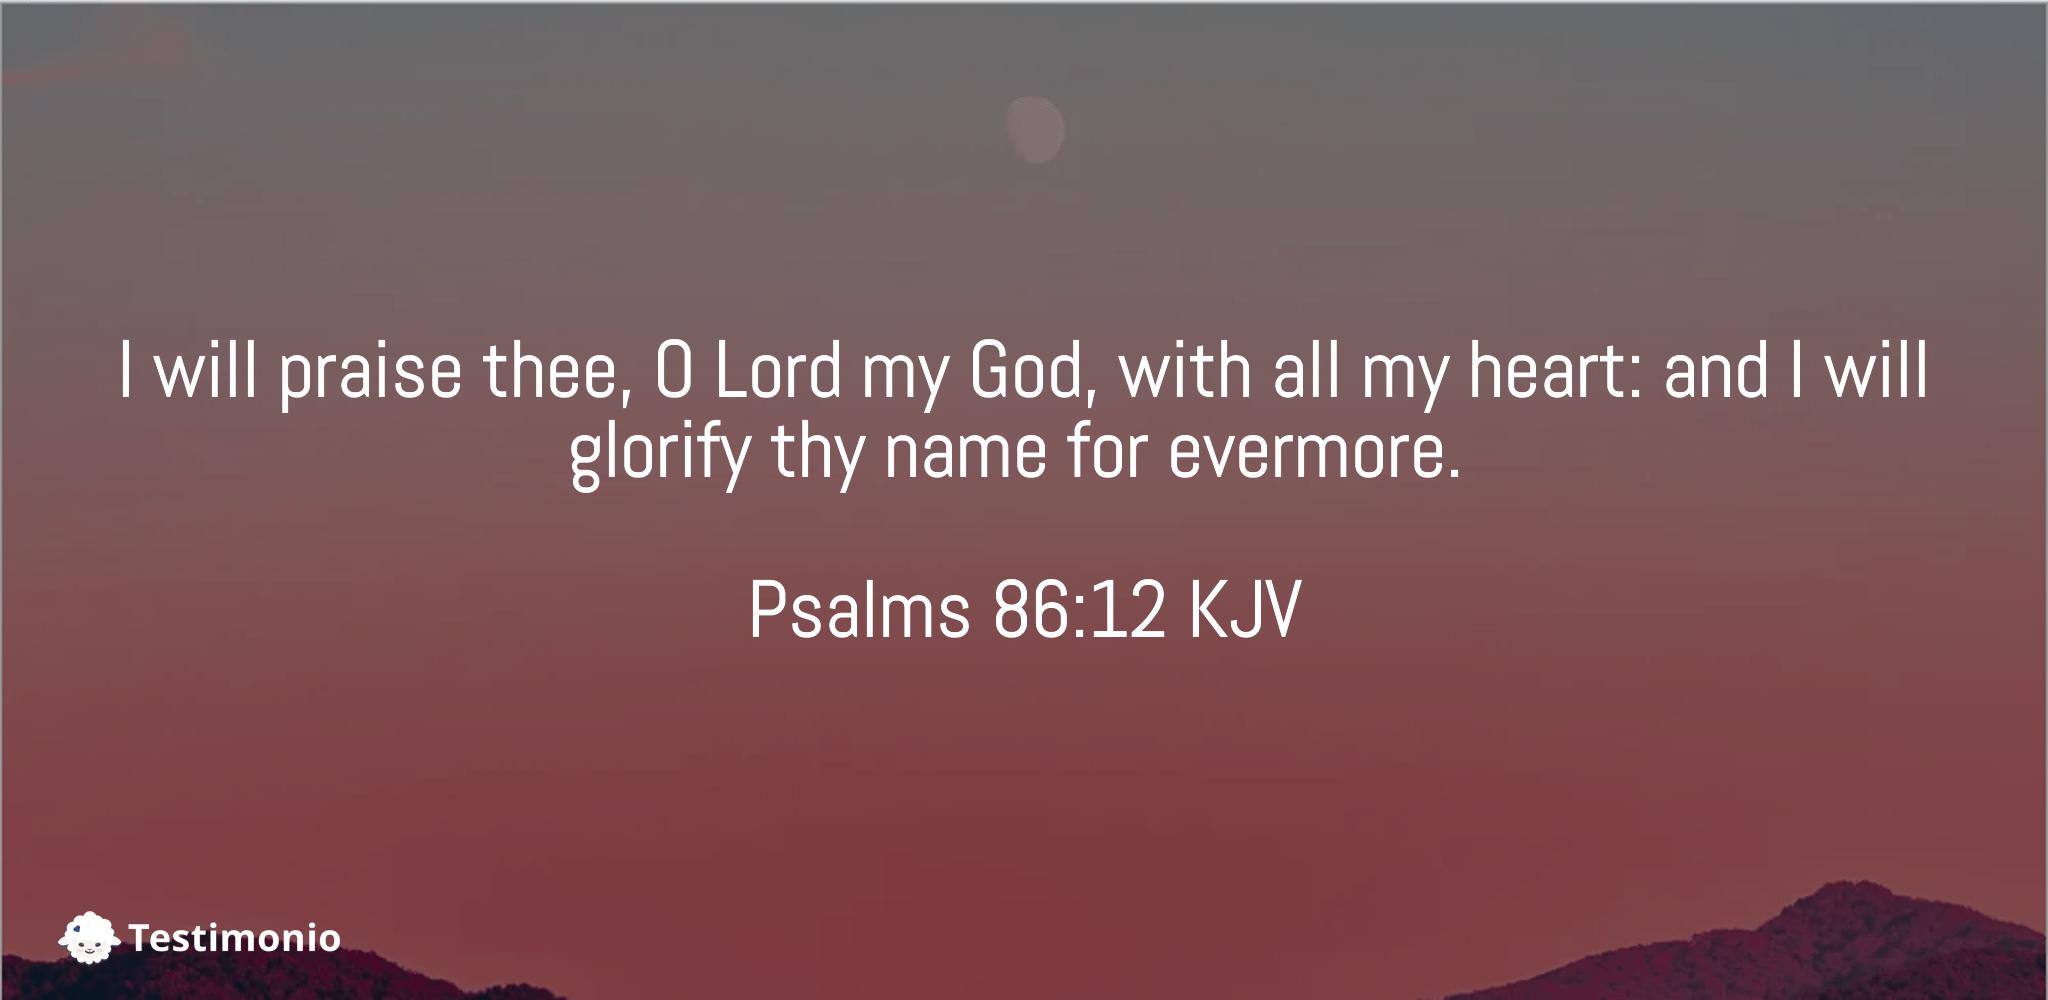 Psalms 86:12